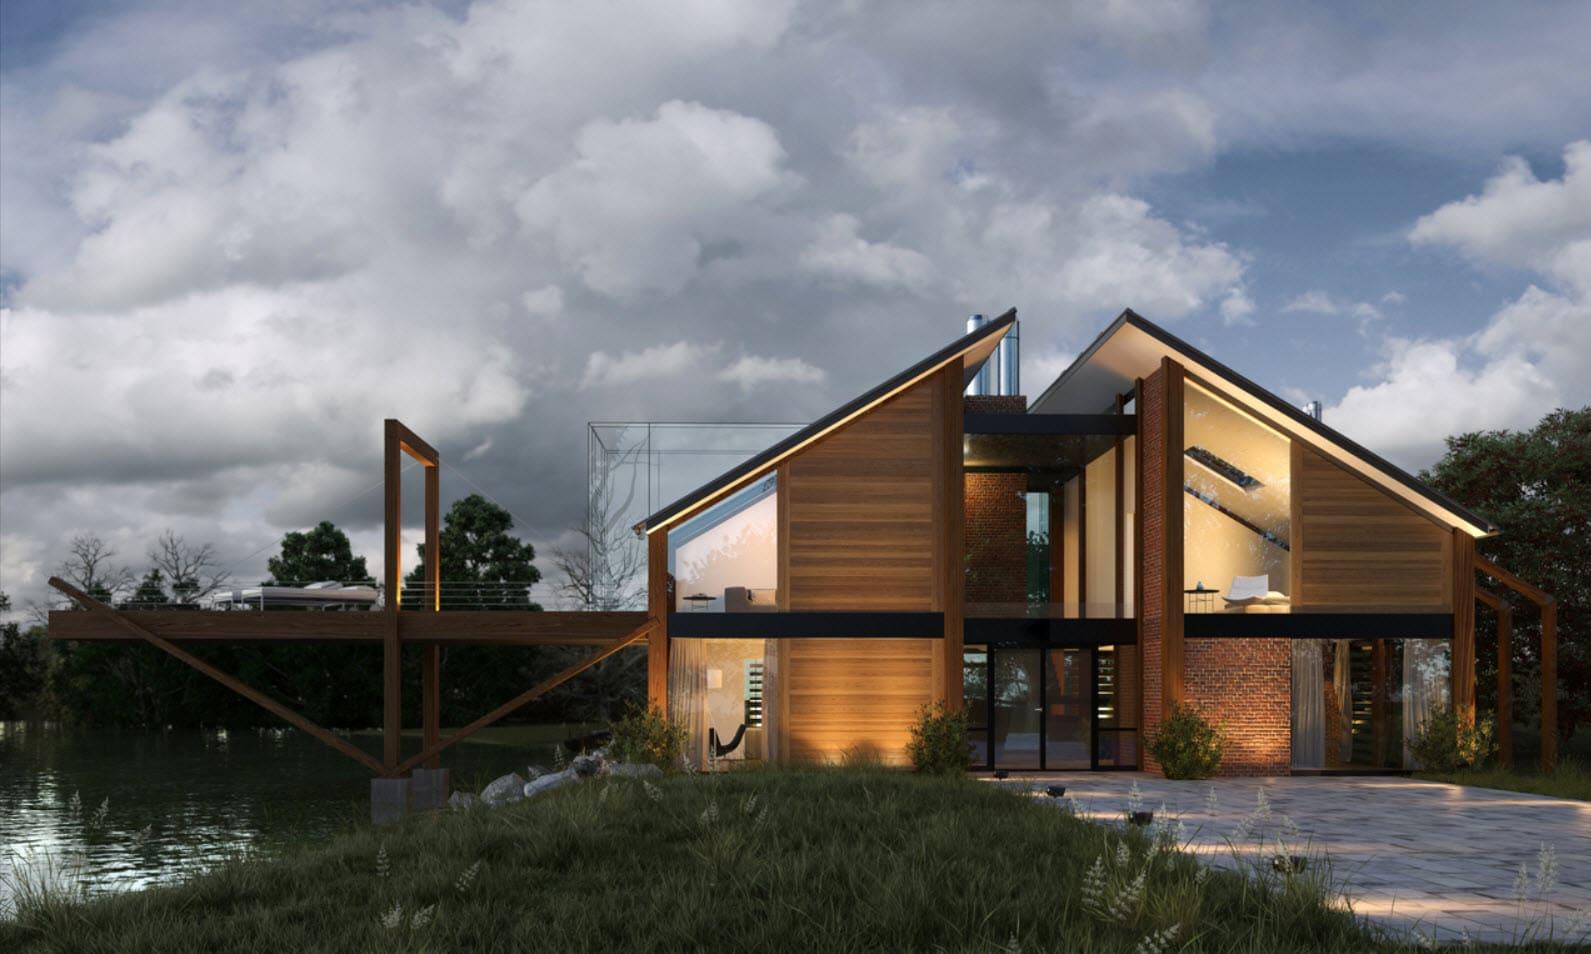 Dise o de casa de madera moderna hermosa fachada for Casa moderna ladrillo